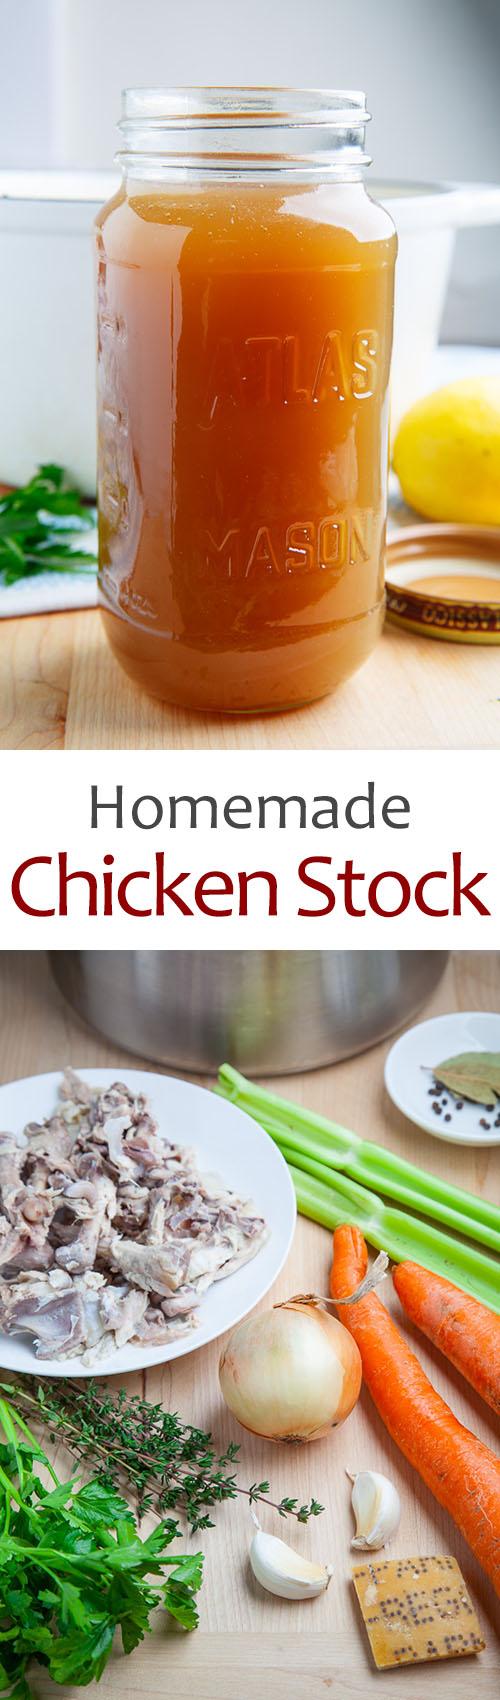 Easy Homemade Chicken Stock